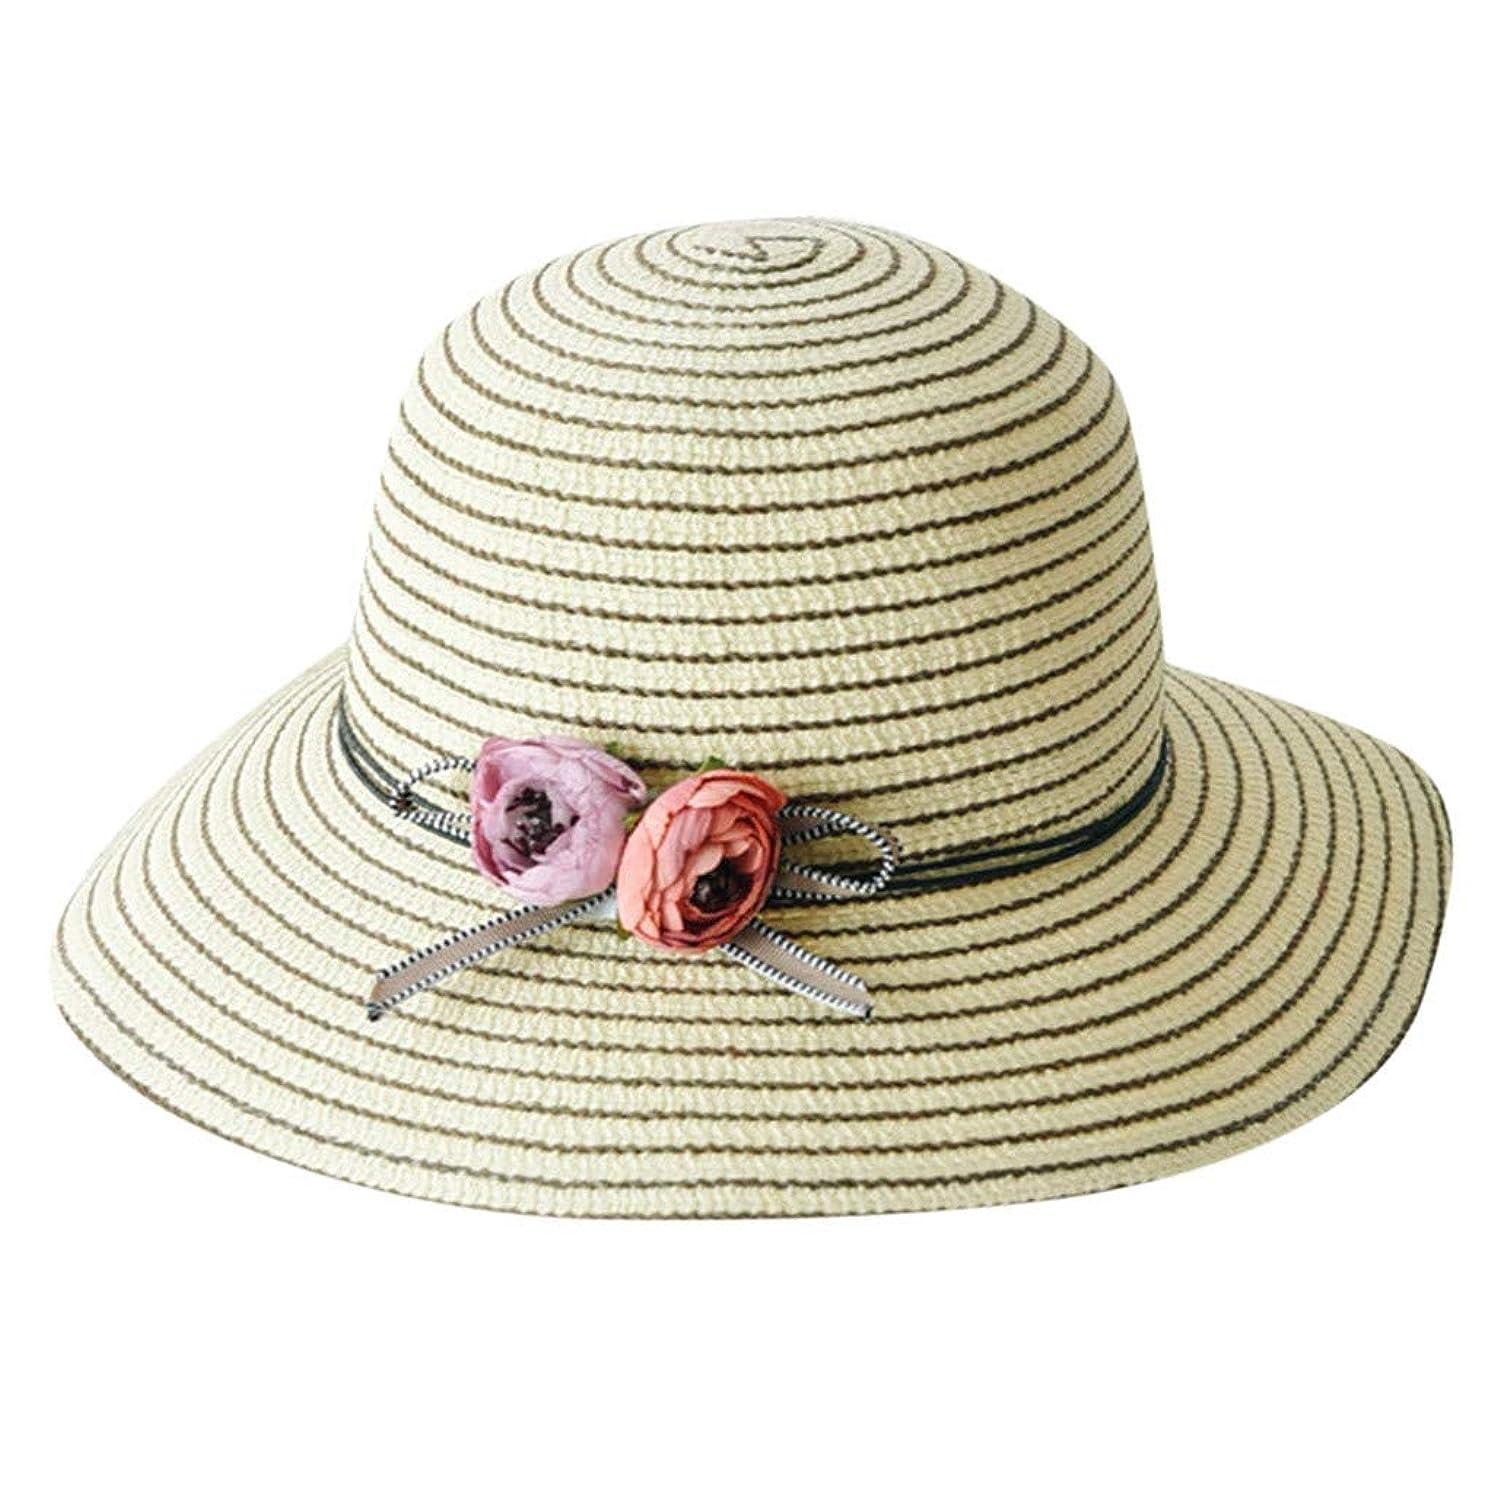 層輸送オプショナル帽子 レディース 漁師帽 夏 UVカット 帽子 綿糸 ハット レディース 紫外線100%カット UV ハット 可愛い 小顔効果抜群 日よけ 折りたたみ つば広 小顔効果抜群 折りたたみ 海 旅行 ROSE ROMAN